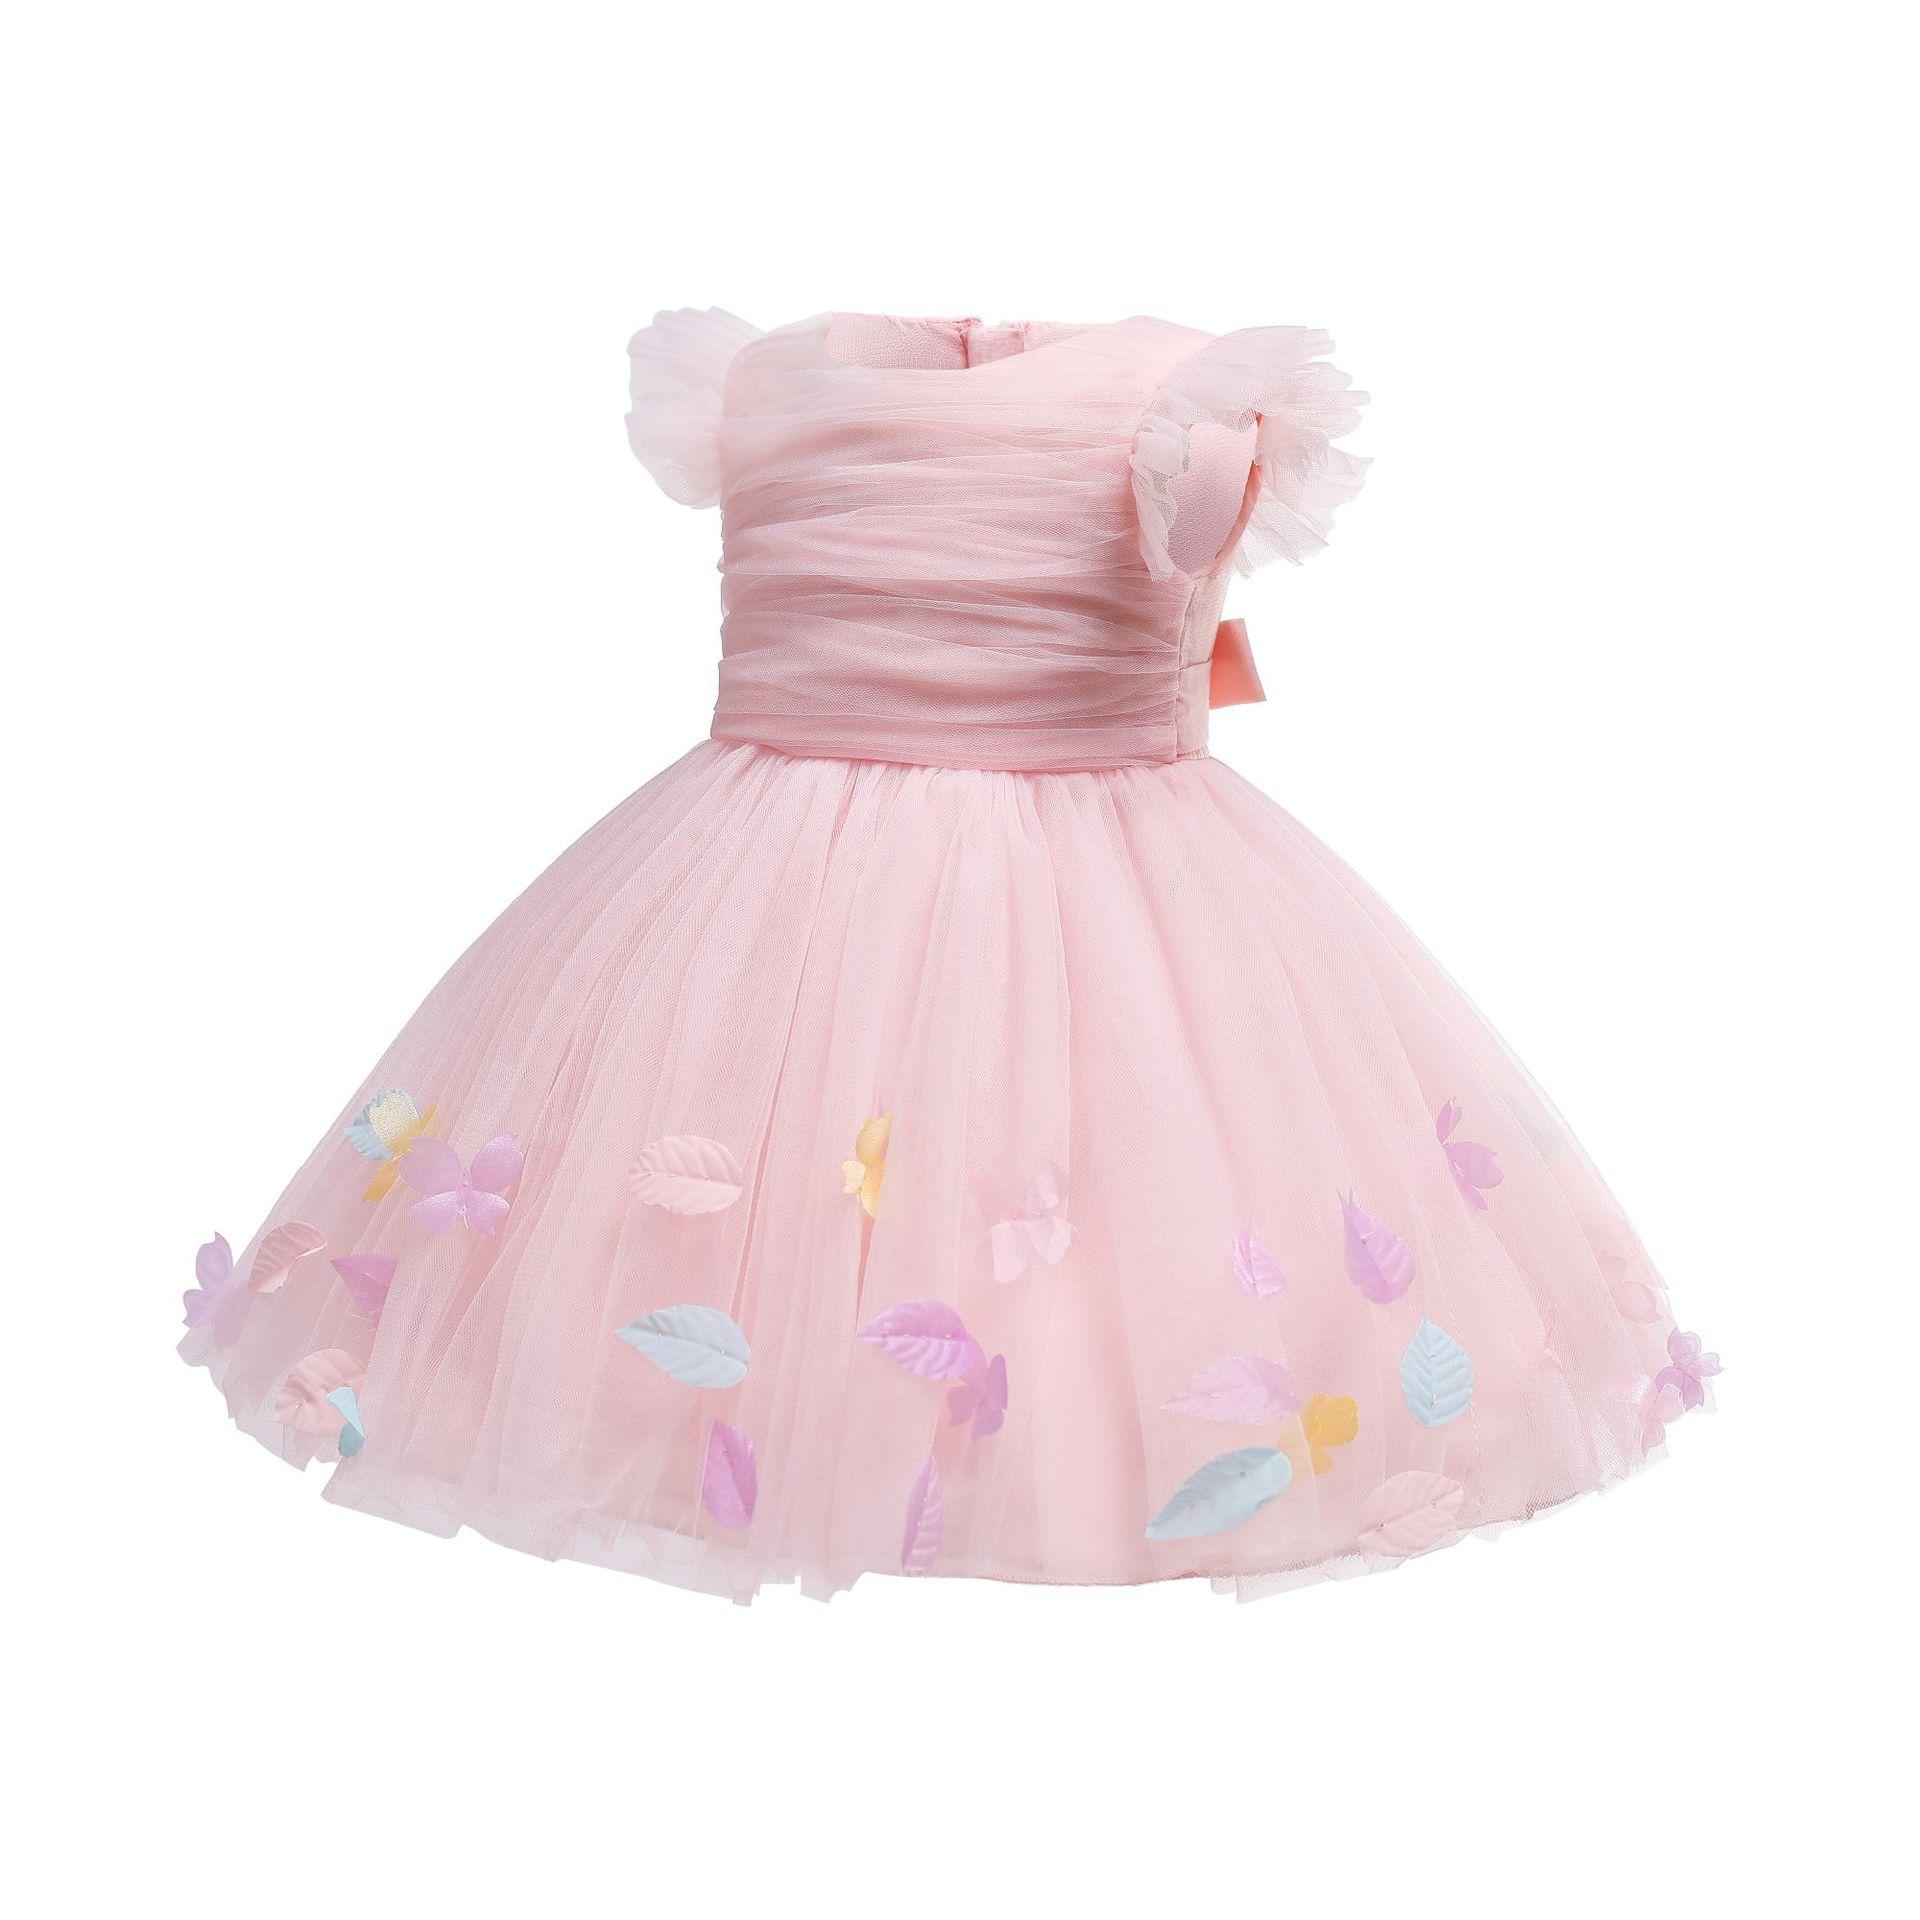 中国供給ブティックチュチュドレス用キッズ女の子新しい赤ちゃんガールドレス背中が大きく開いデザインフロック